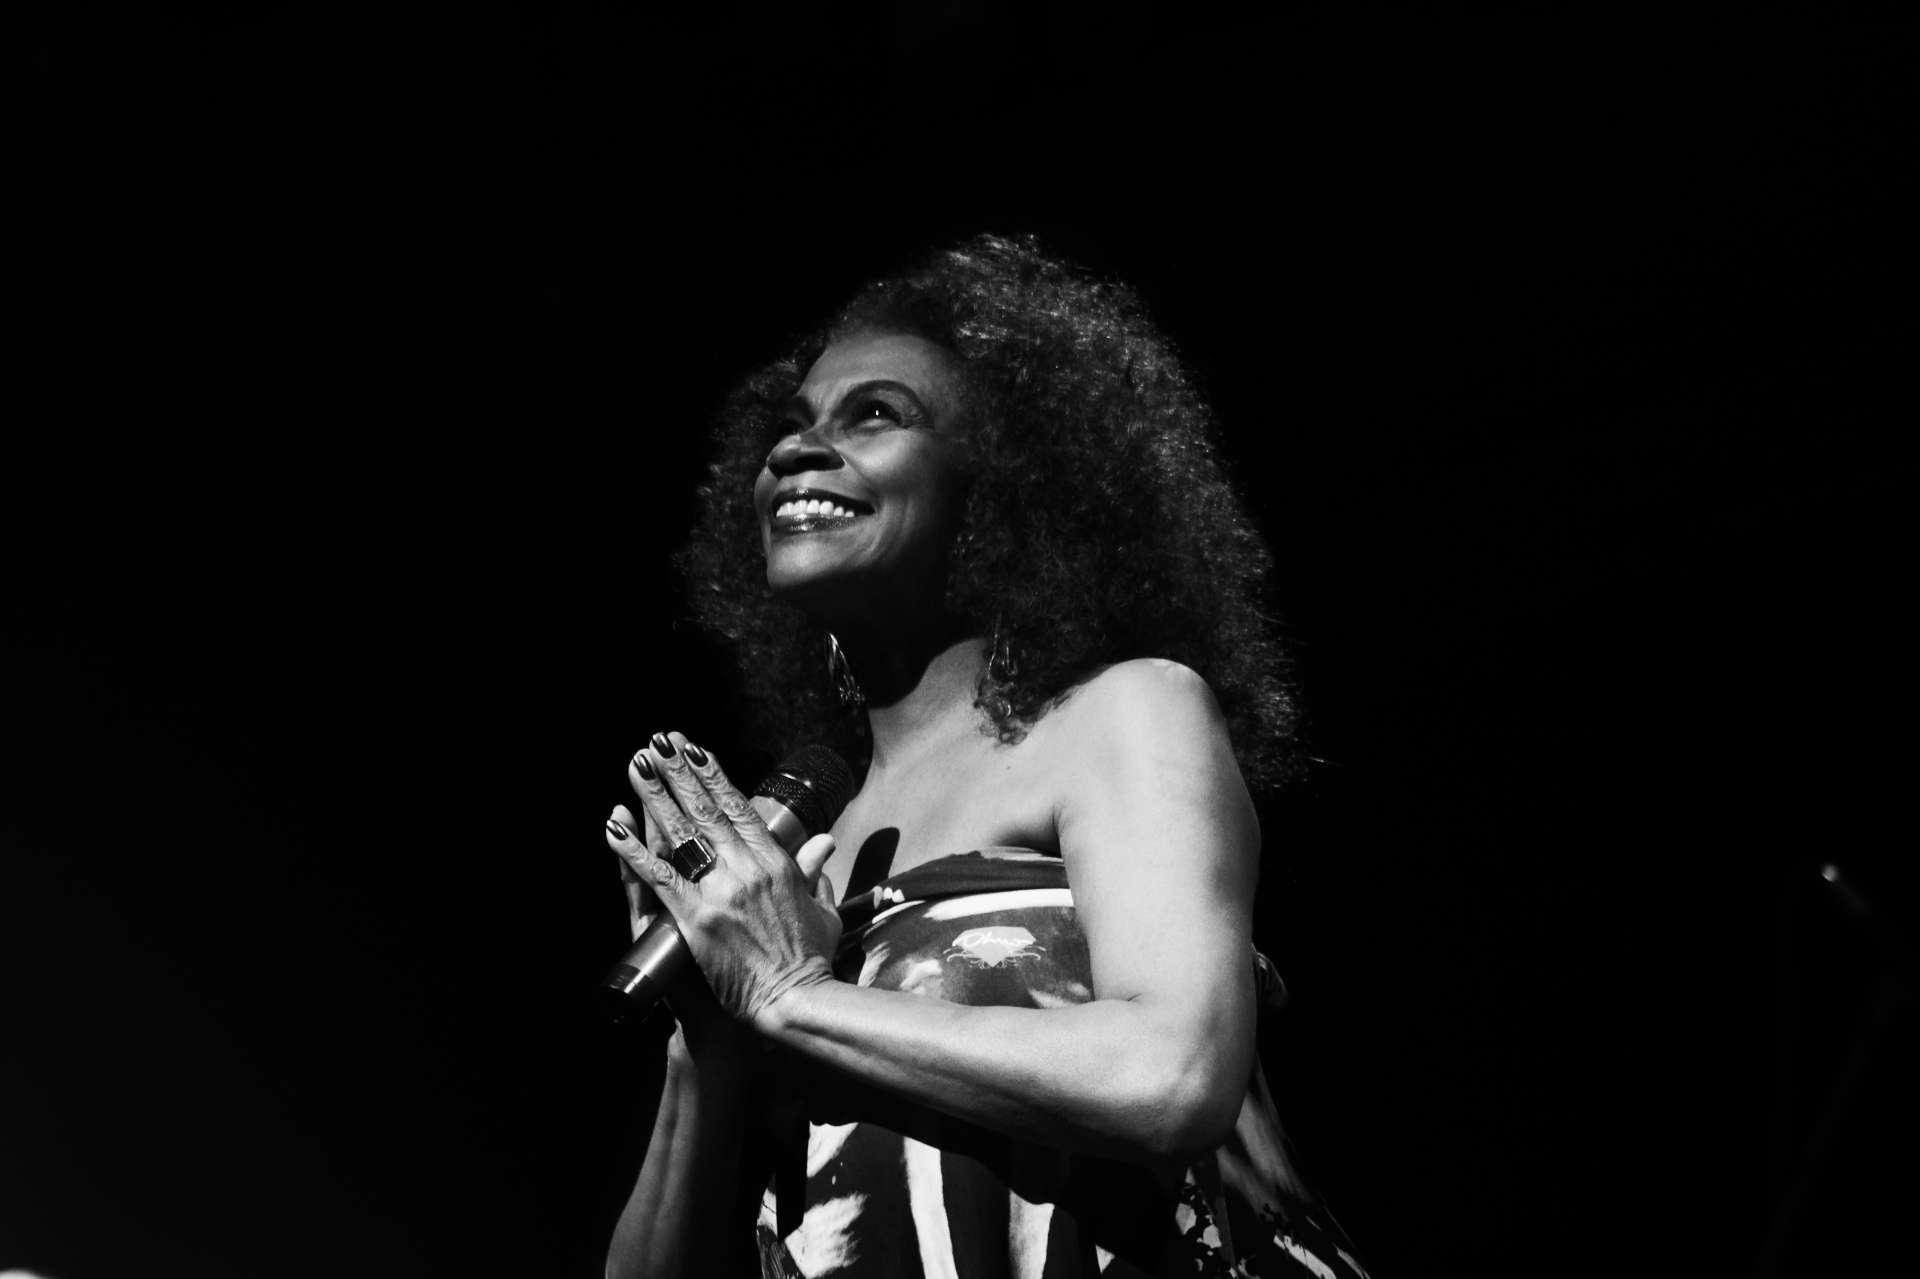 Zezé Motta interpreta músicas de Elizeth Cardoso há quase duas décadas (Foto: Jardiel Carvalho)